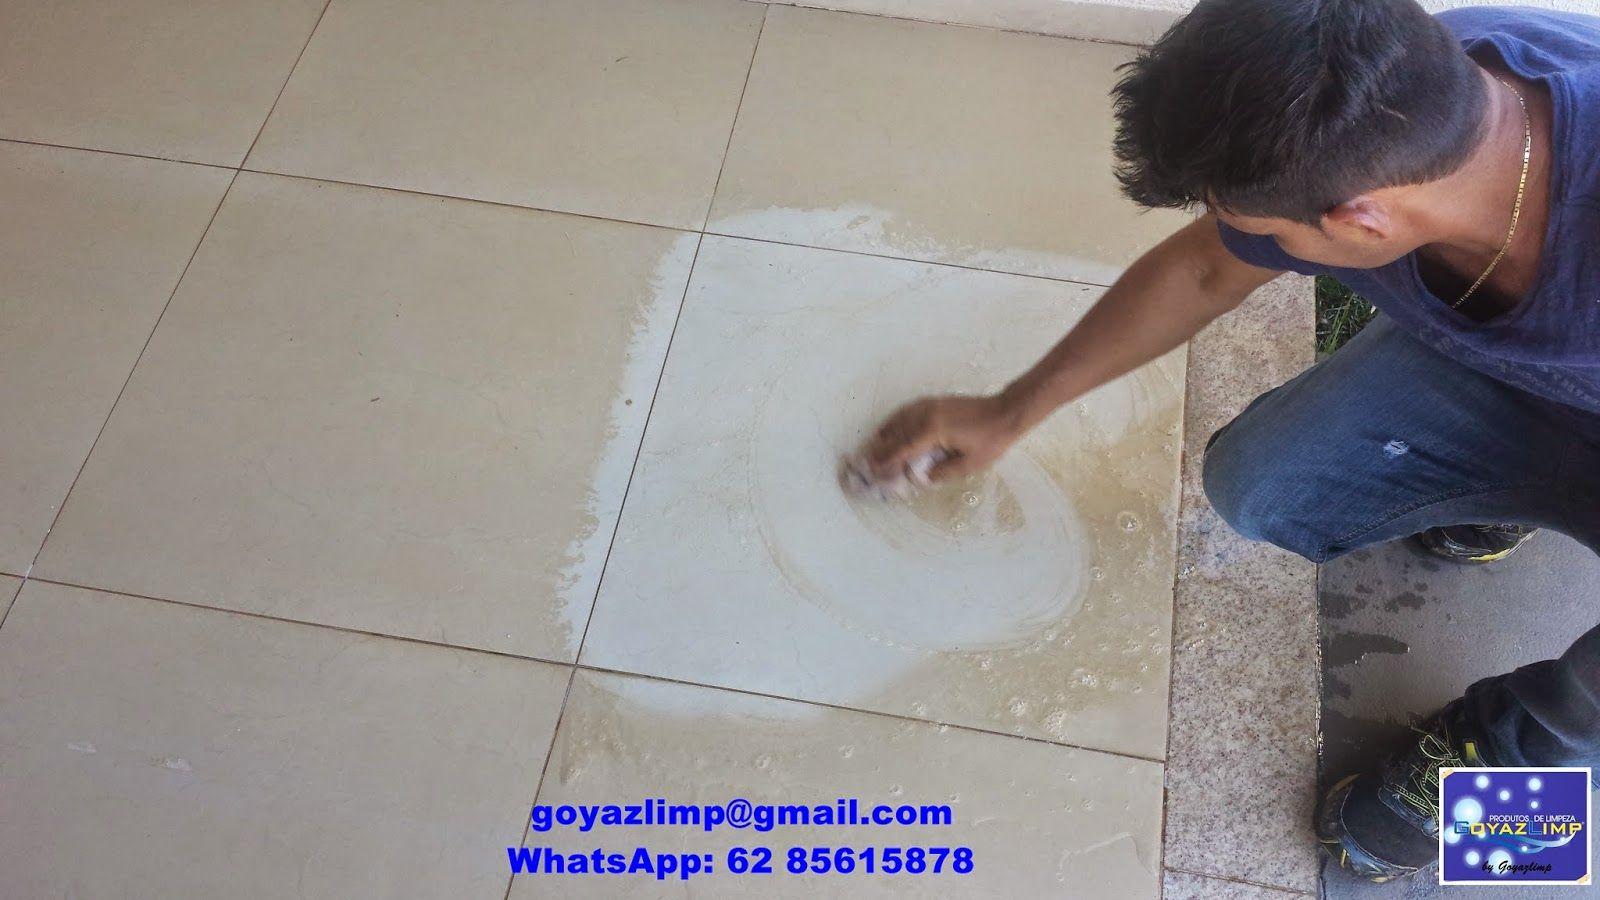 GOYAZLIMP - Limpeza de Pisos e Pedras ,Pós-obra Fazemos Impermeabilização de pisos em geral: Como limpar pisos de porcelanatos encardidos e com...